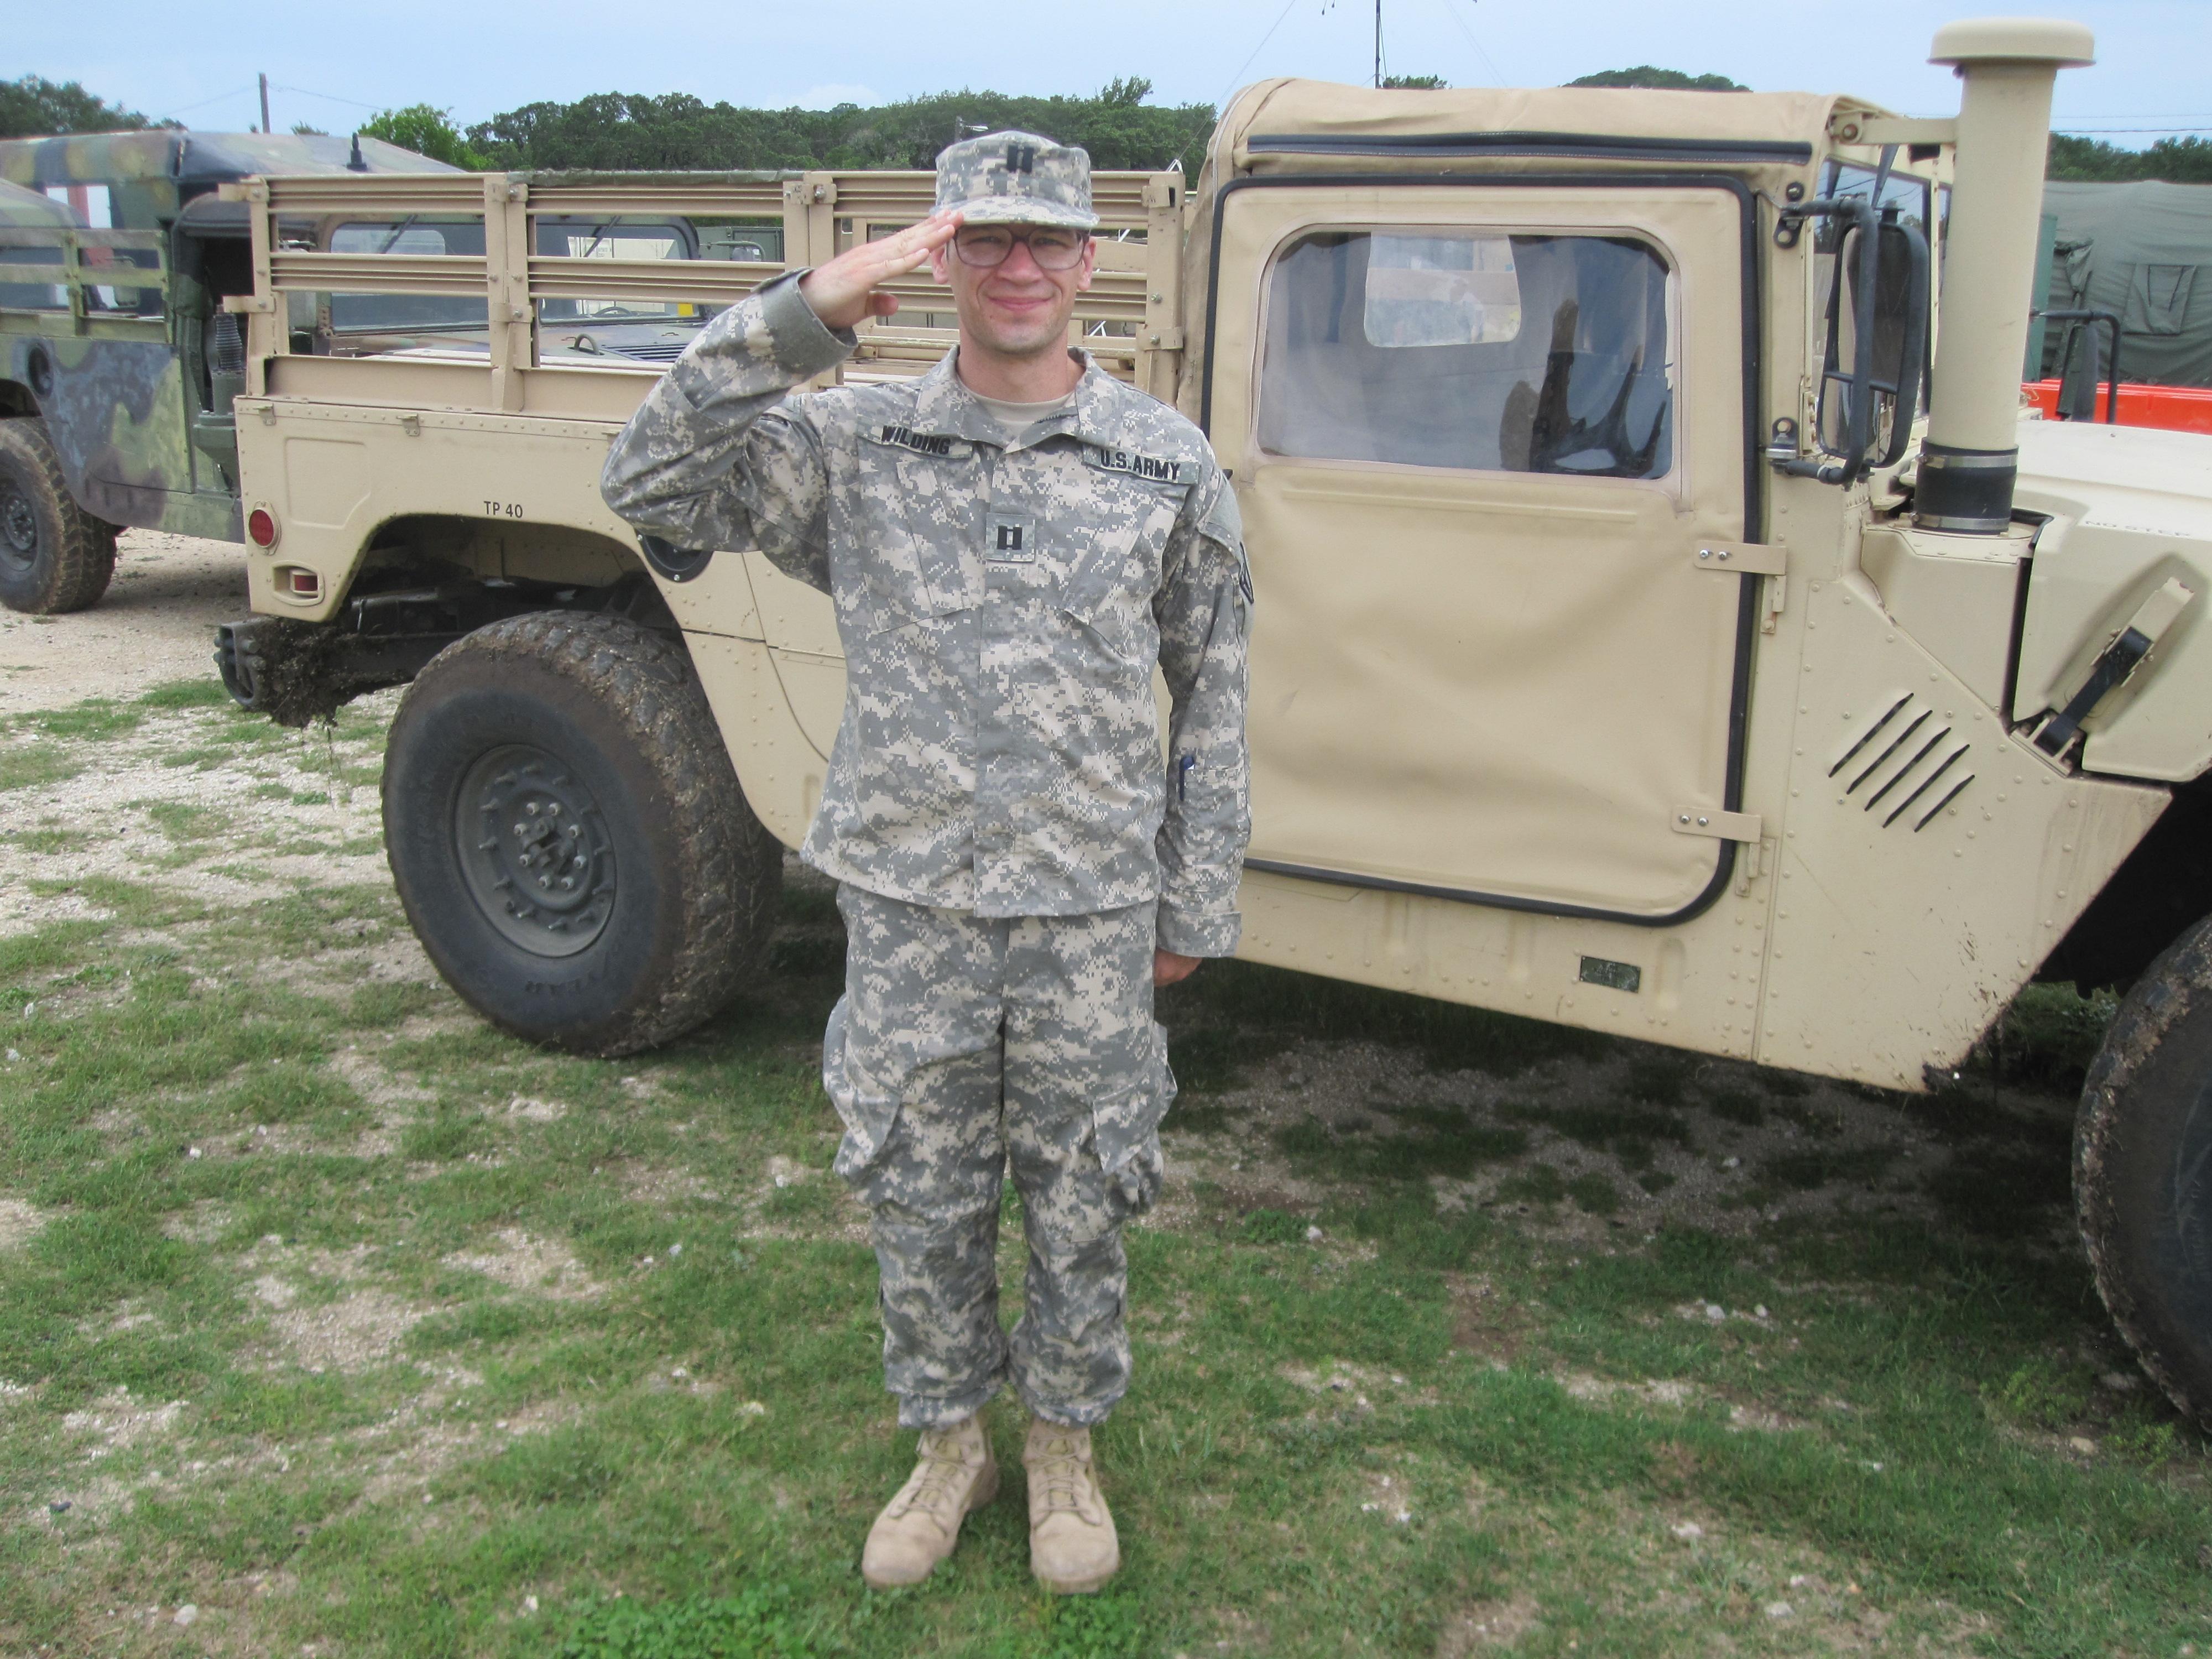 Army Proud! www.mytributejournal.com